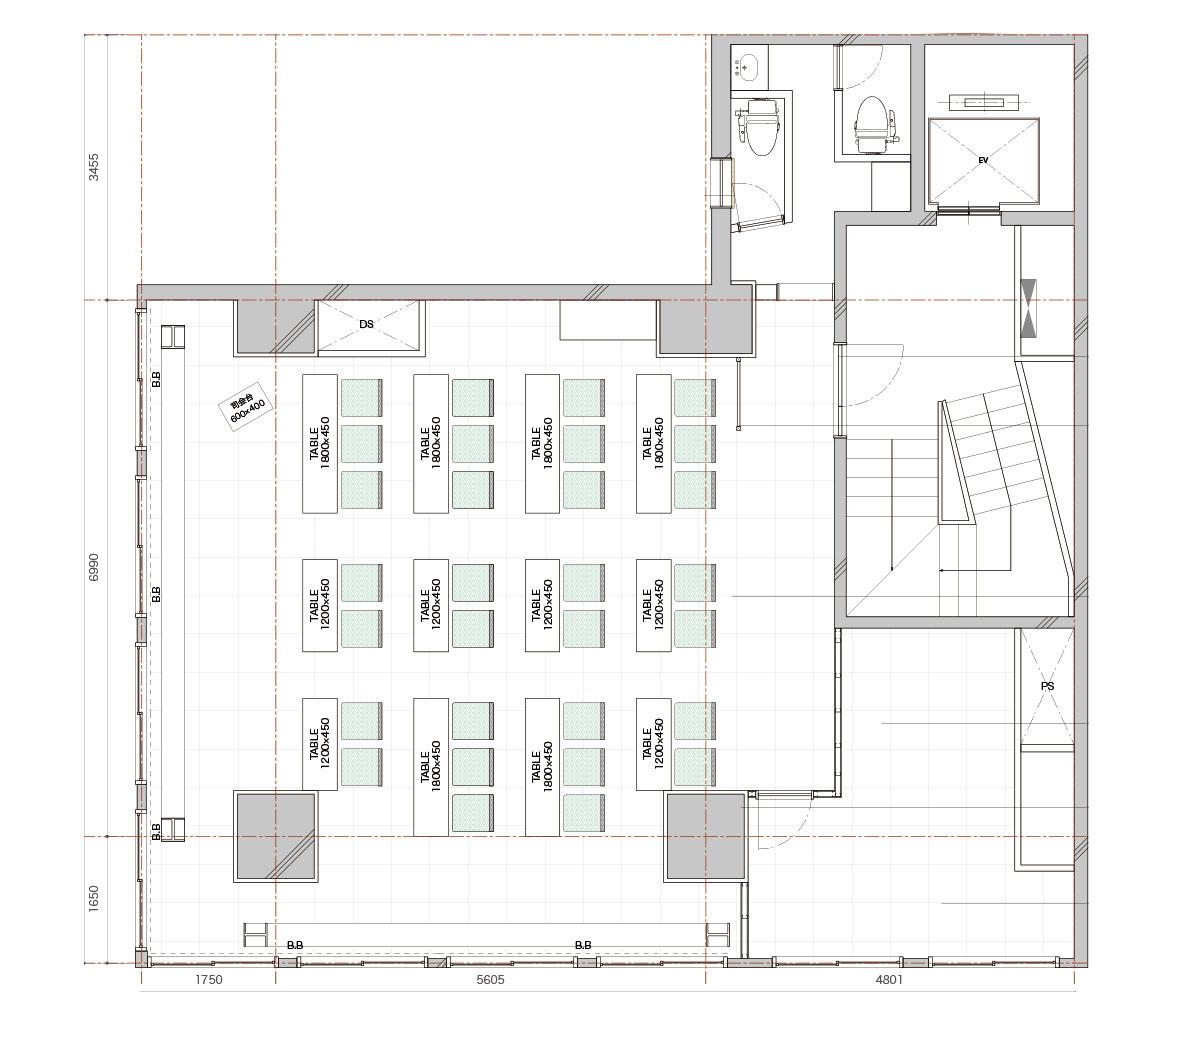 みんなの会議室 東京駅前4階 (ID:10020) 図面